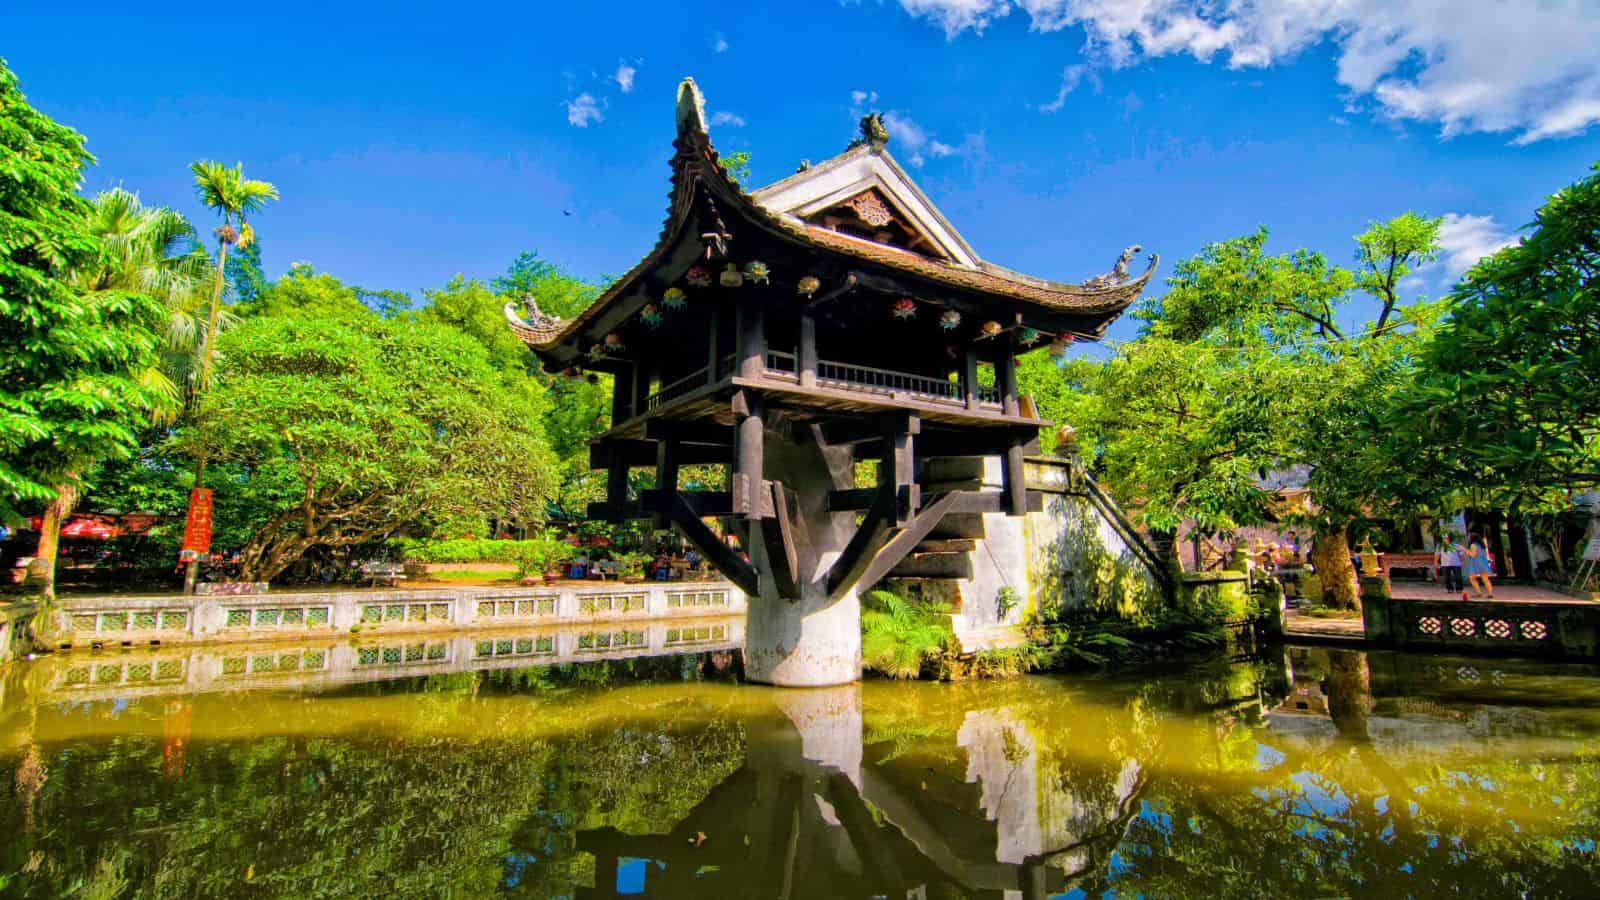 10 điểm du lịch Hà Nội không thể bỏ qua 2019 - chùa một cột